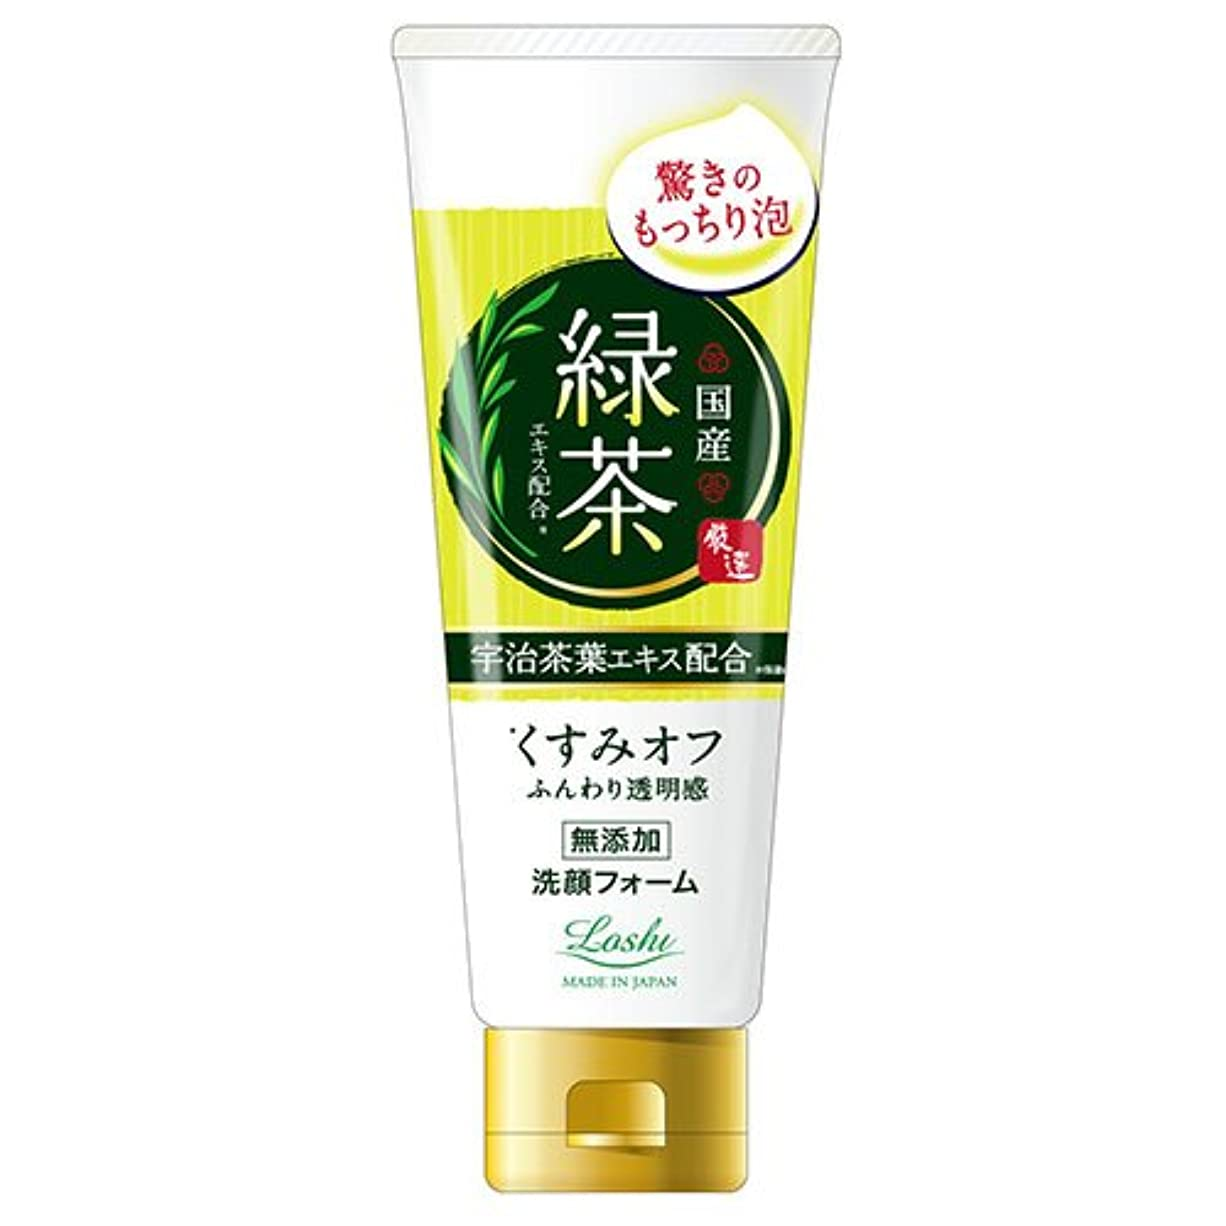 ロッシモイストエイド 国産 ホイップ洗顔 緑茶 120g